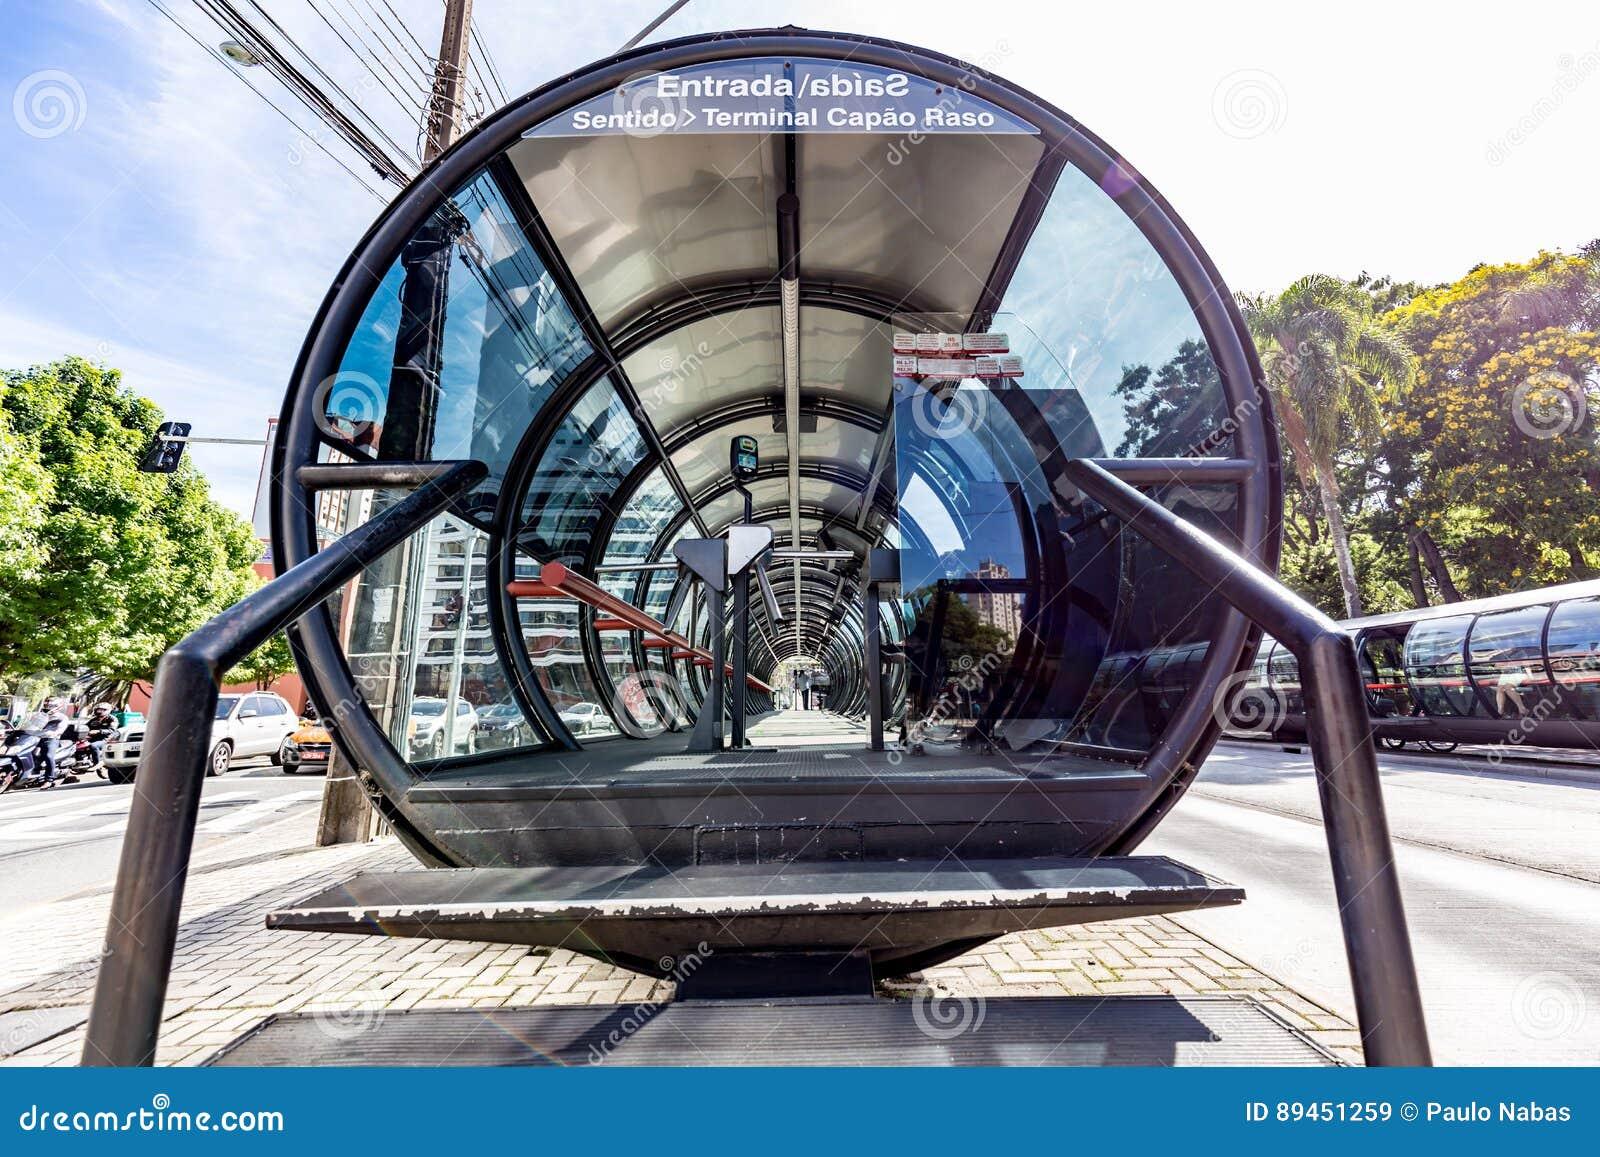 CURITIBA, PARANA/BRAZIL - DECEMBER 27 2016: Bus stop